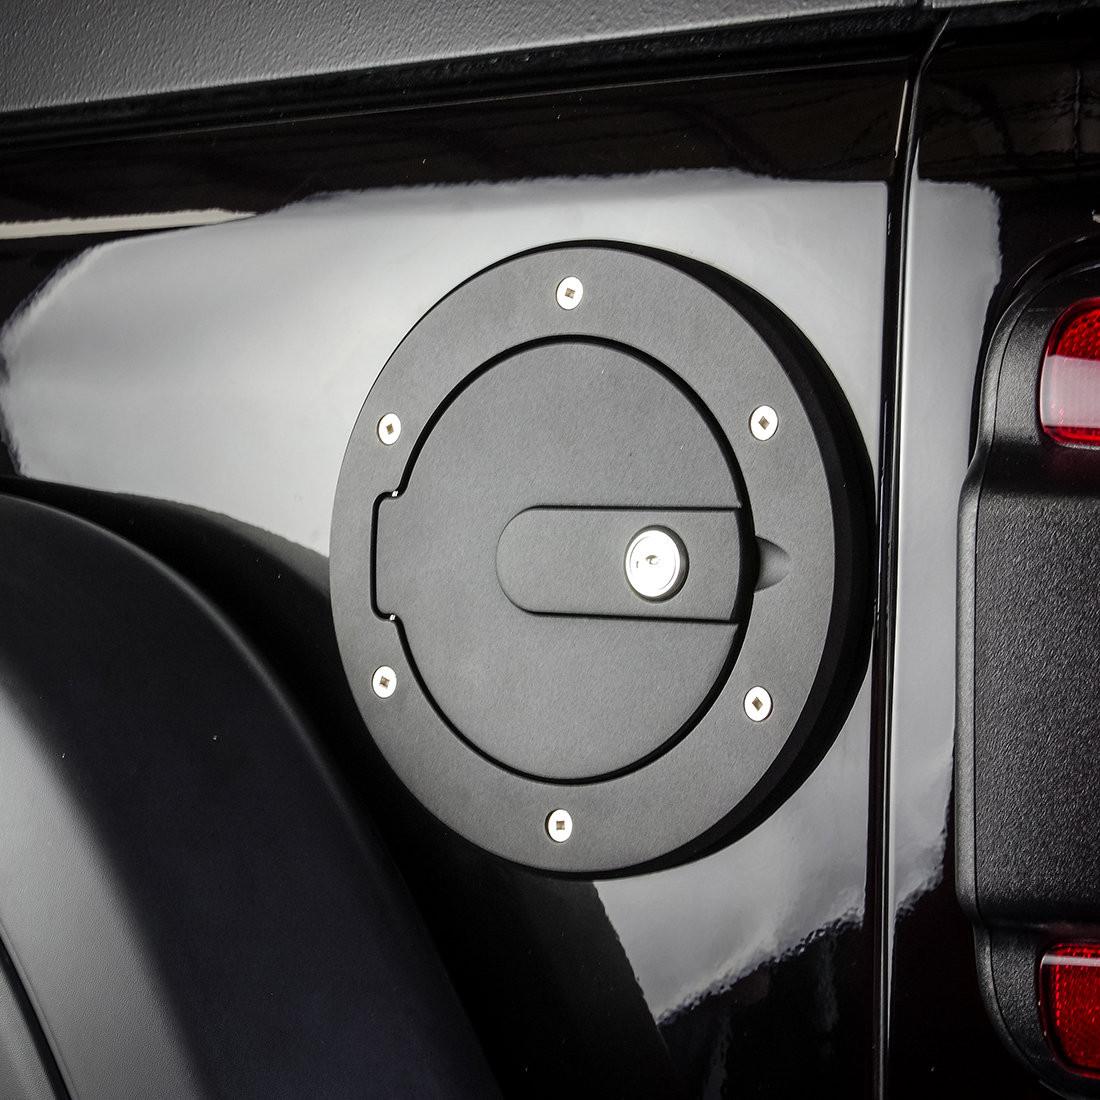 AMI Race Style Locking Billet Fuel Doors (Flat Black) For 2018+ Jeep Wrangler JL 2 Door & Unlimited 4 Door Models 6034KL